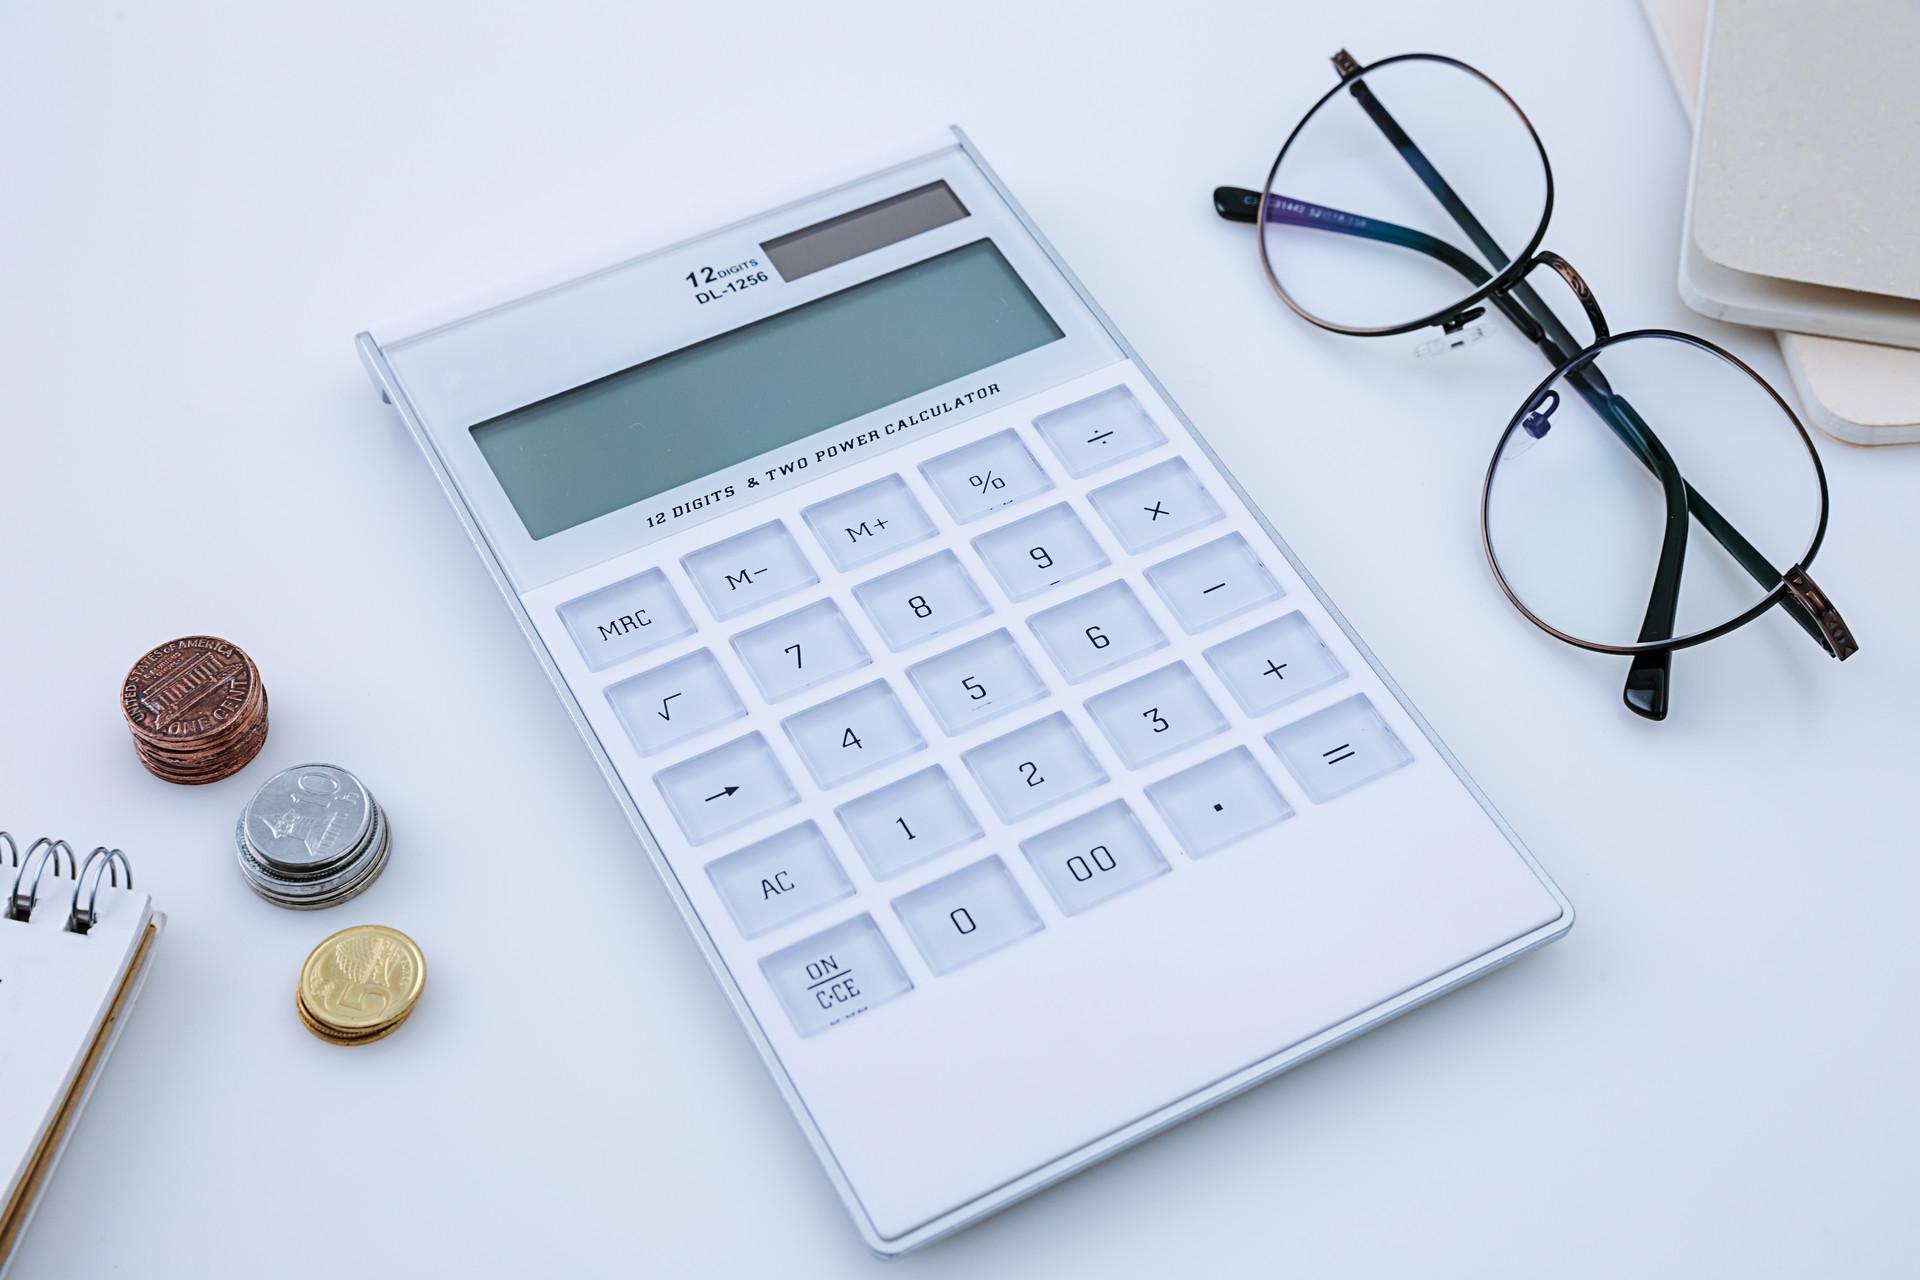 快捷制作工资条工具软件真的靠谱吗?找到靠谱的工资条软件并不难